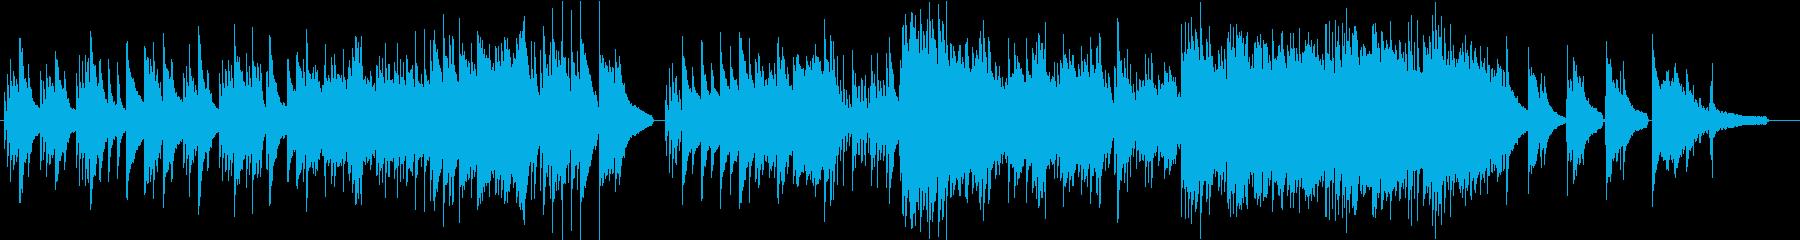 オリエンタルでメロディアスなピアノソロの再生済みの波形